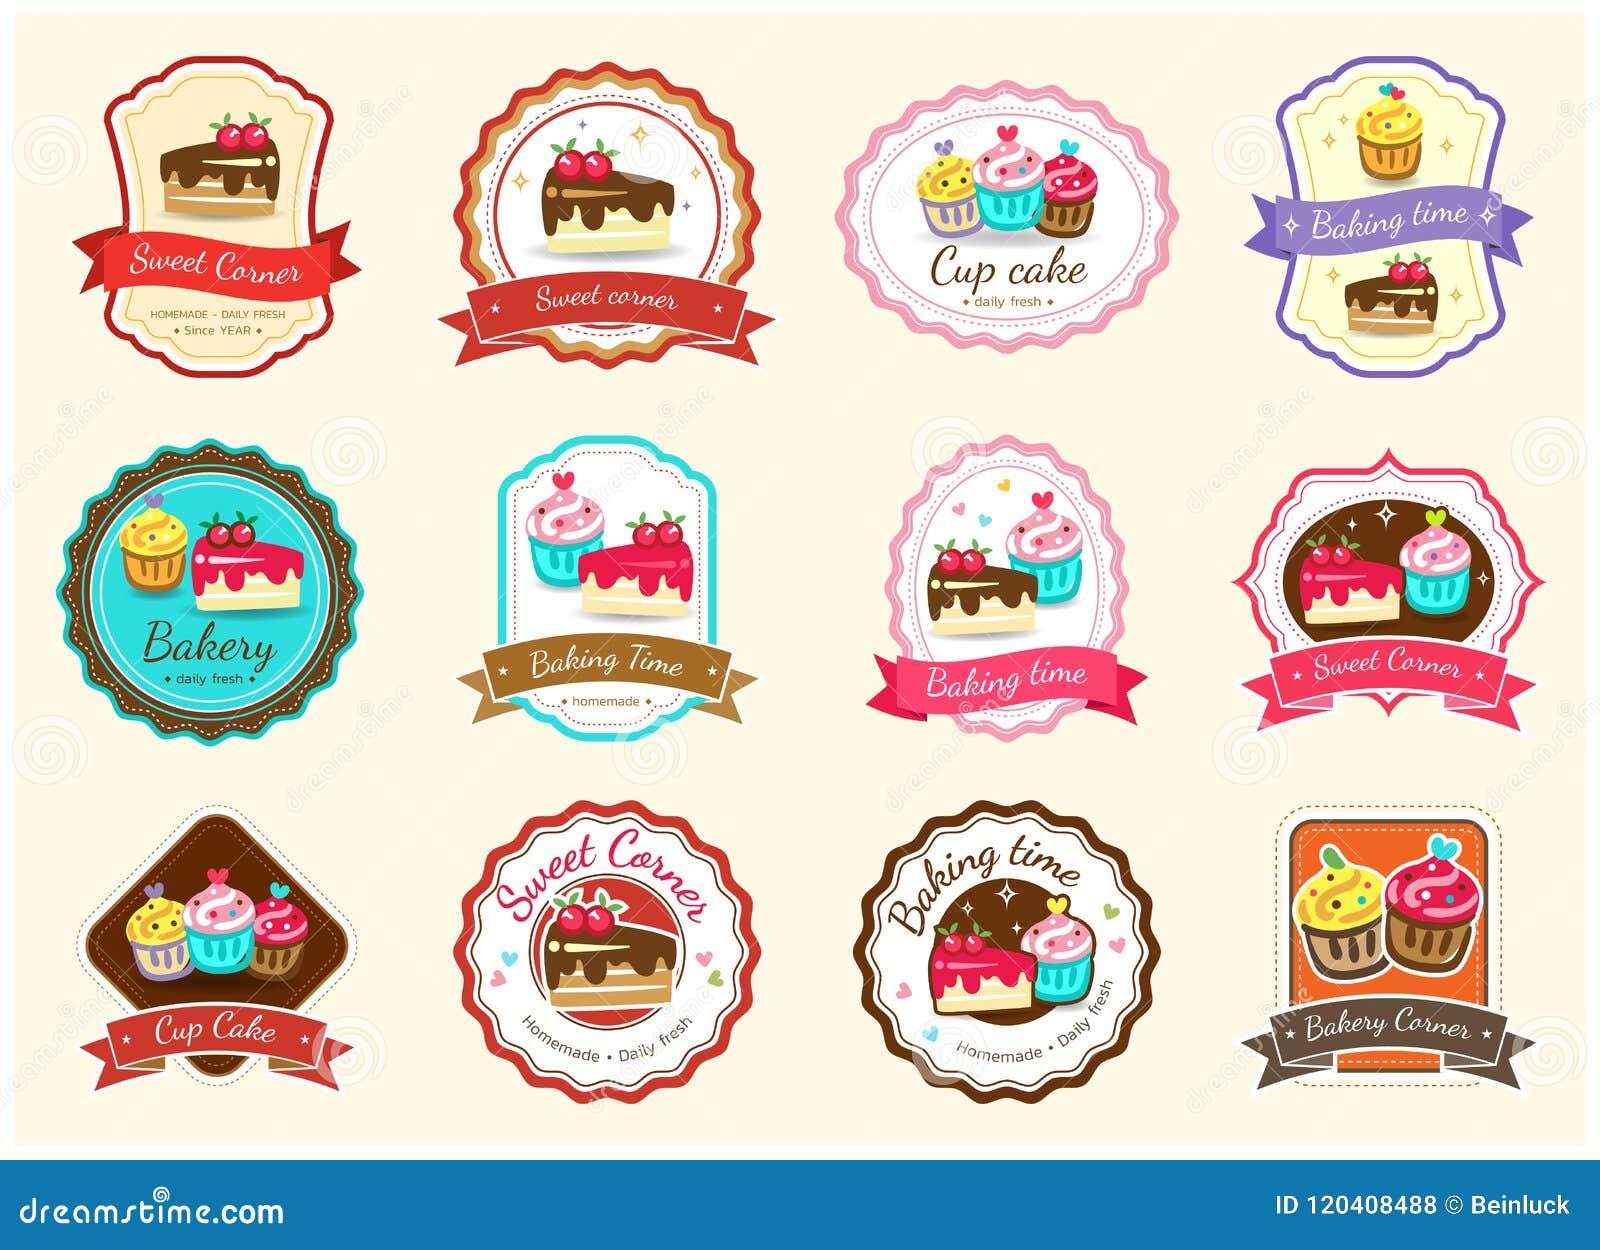 Ensemble de label et de logo doux mignons d insigne de boulangerie